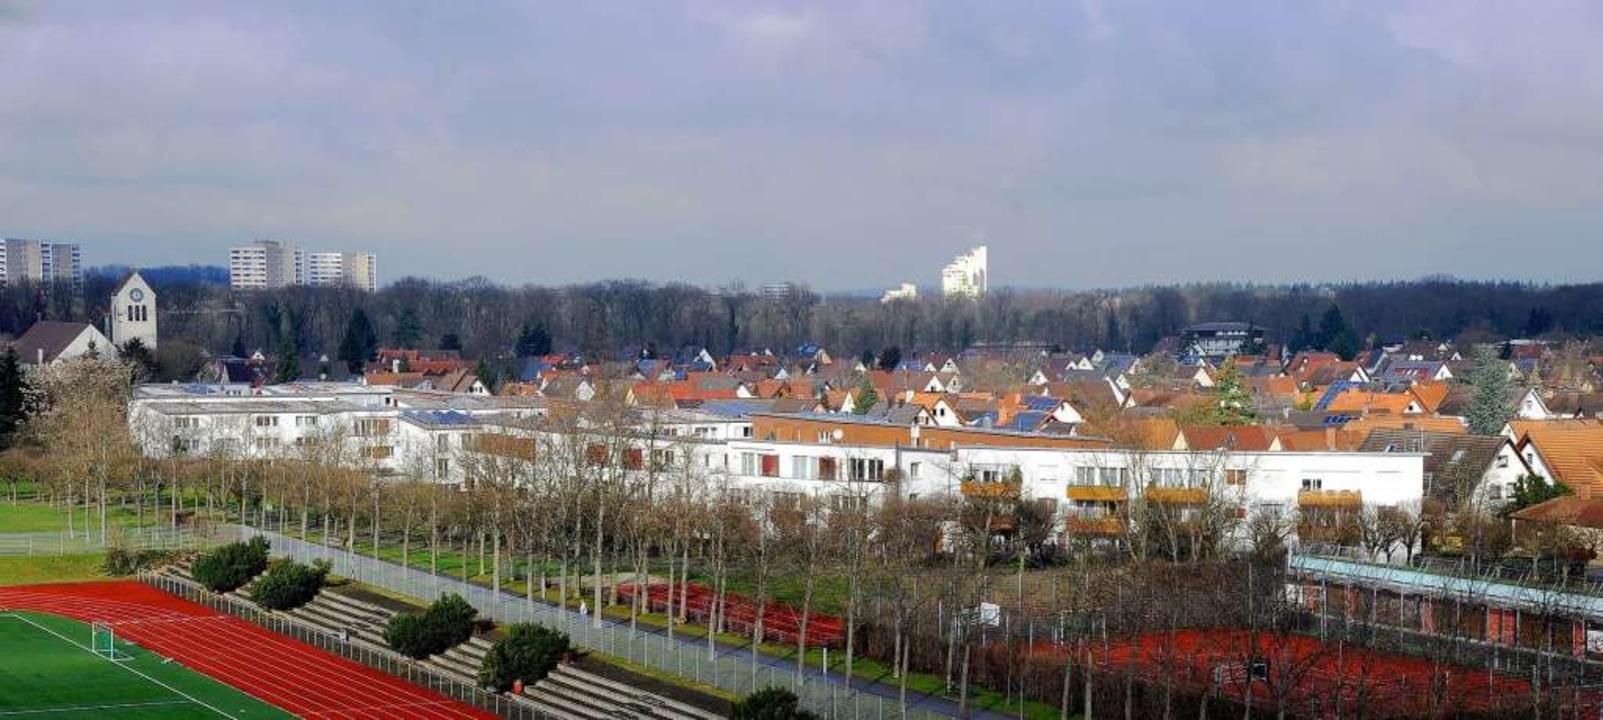 Die Siedlung liegt in der Nähe des Seeparks.  | Foto: Ingo Schneider